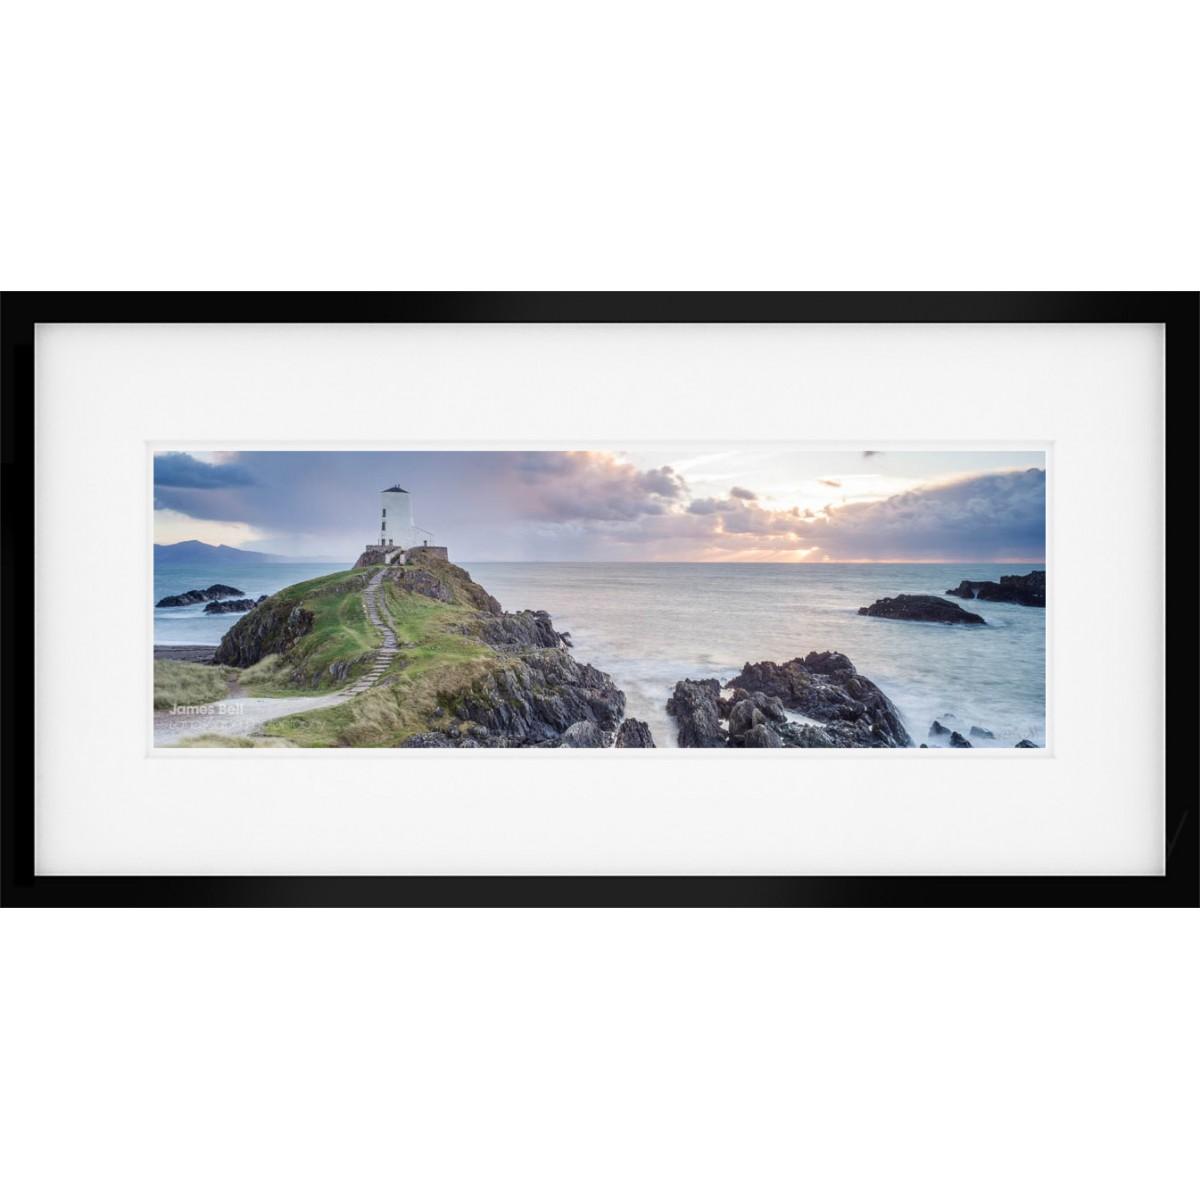 Llanddwyn Island Panorama framed print